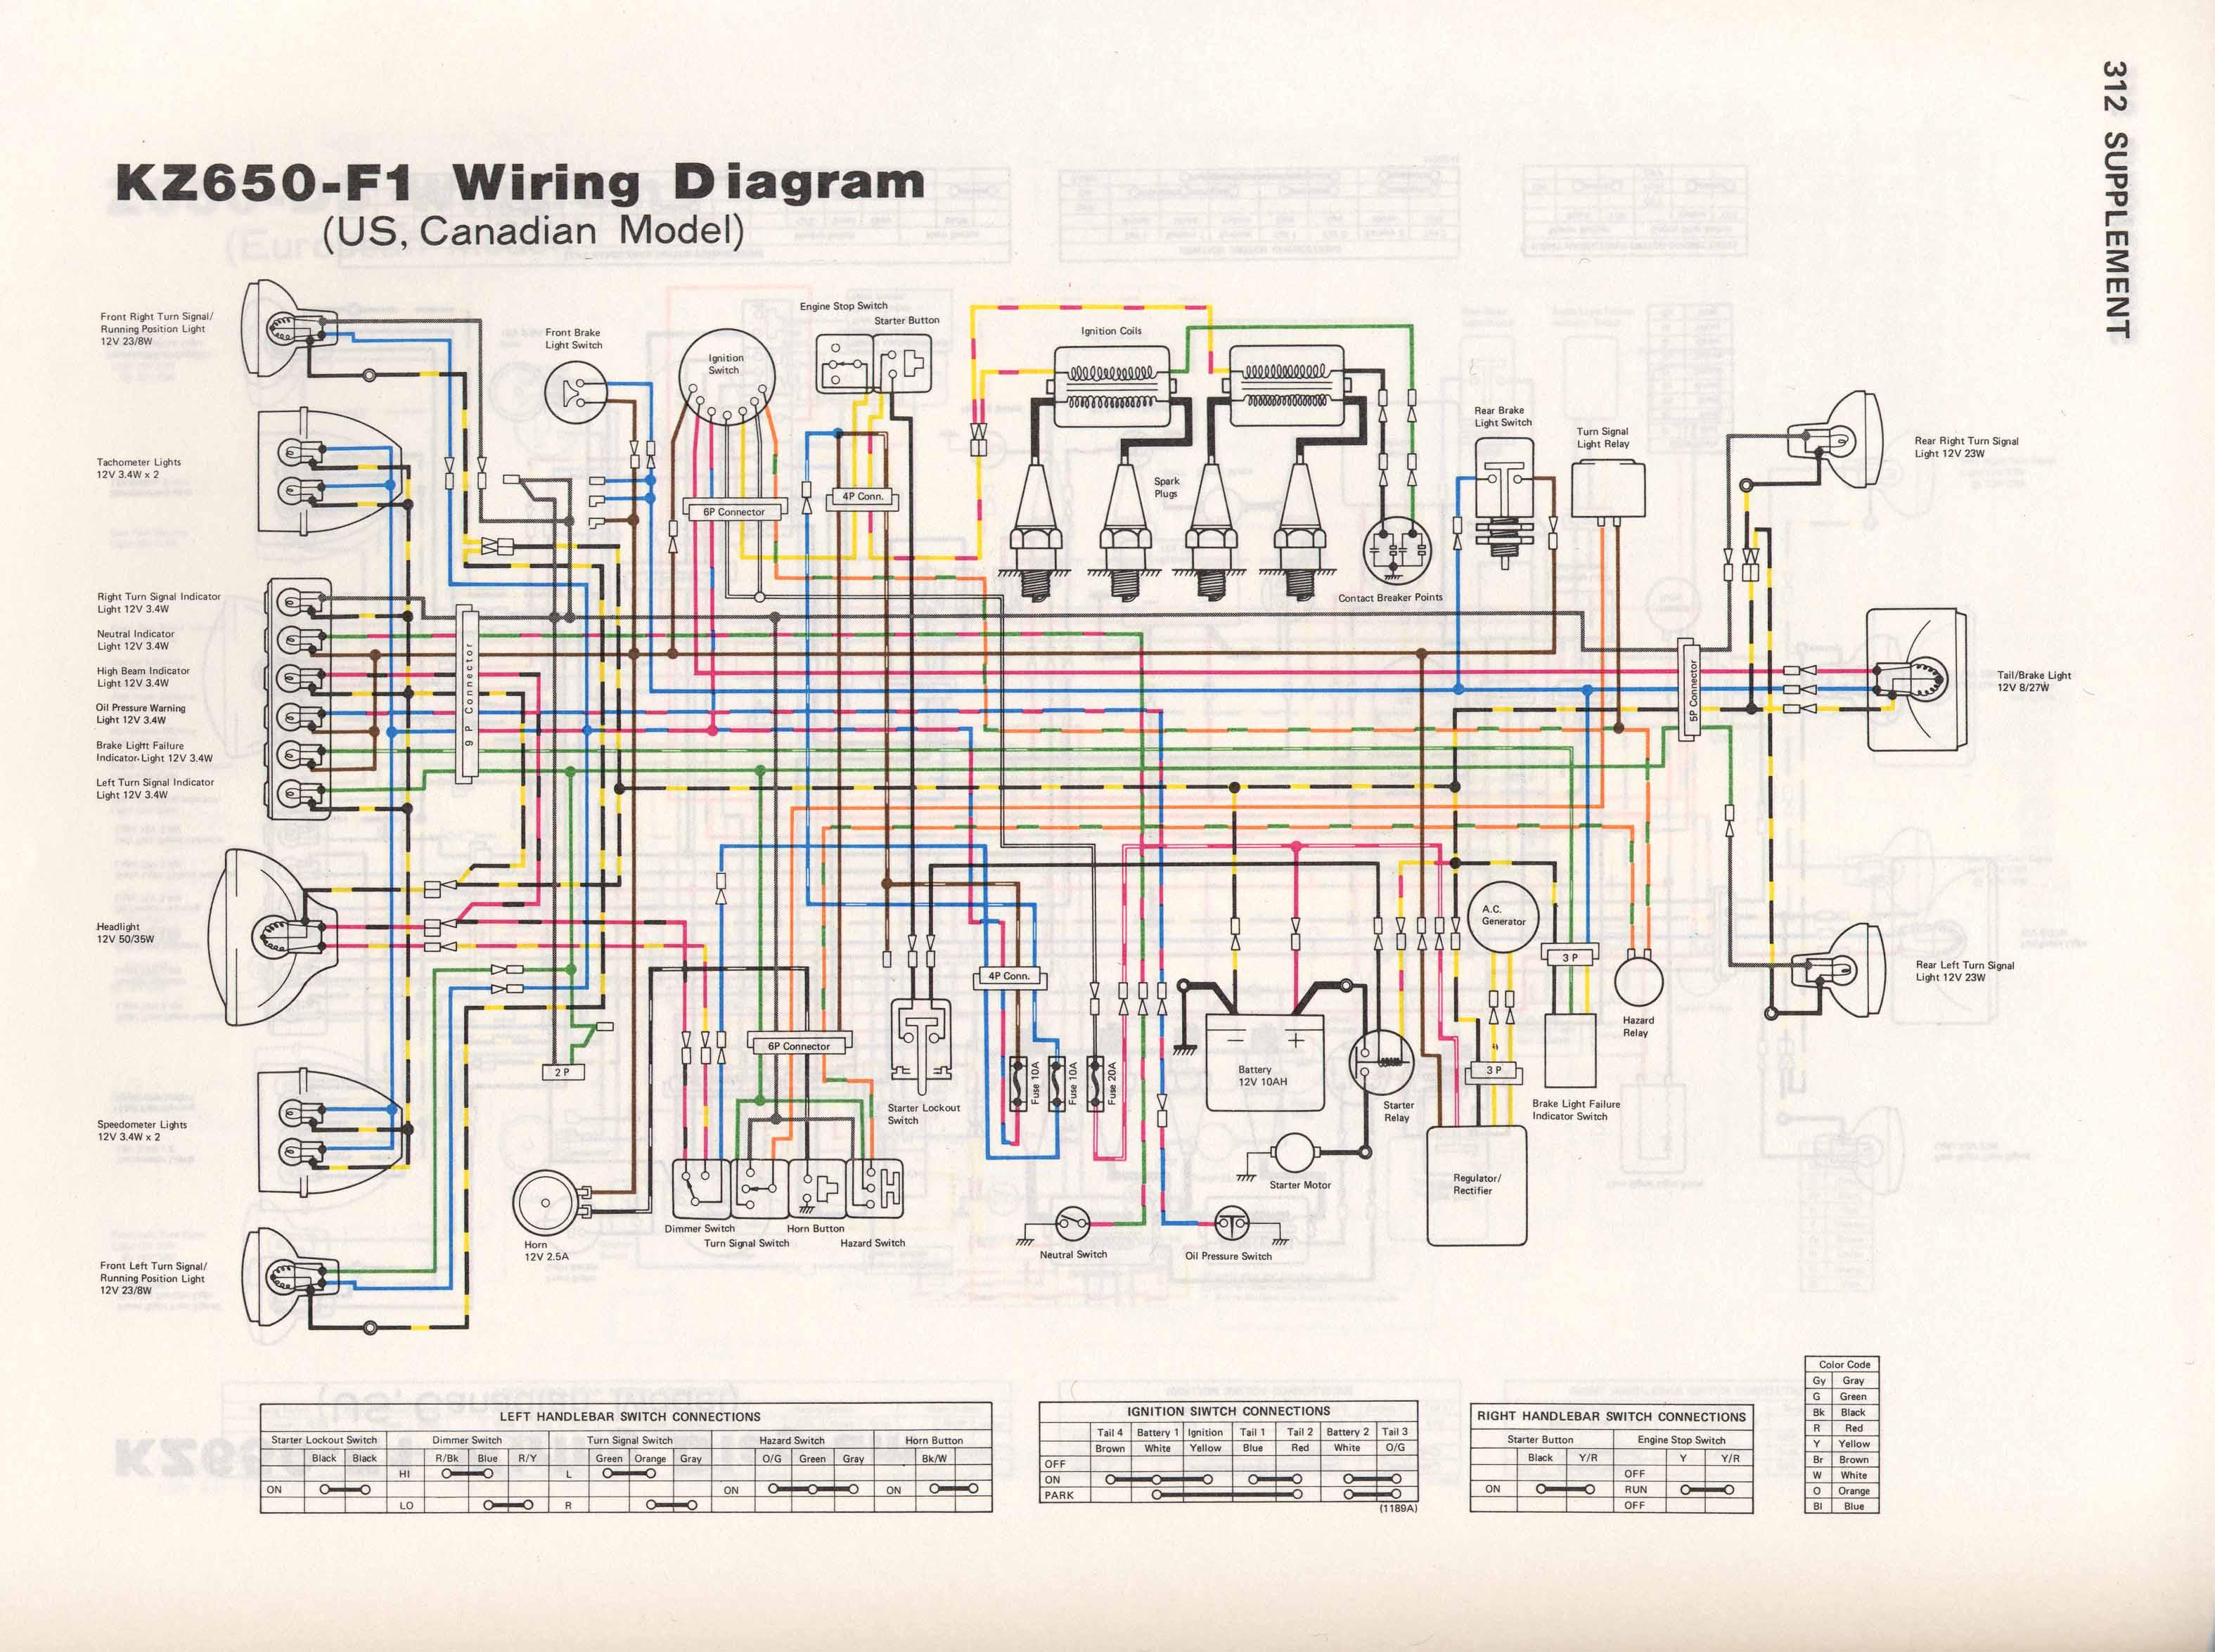 1998 Kawasaki Wiring Diagram Schematic Kohler Motor Wiring Diagram Electrical Wiring Tukune Jeanjaures37 Fr